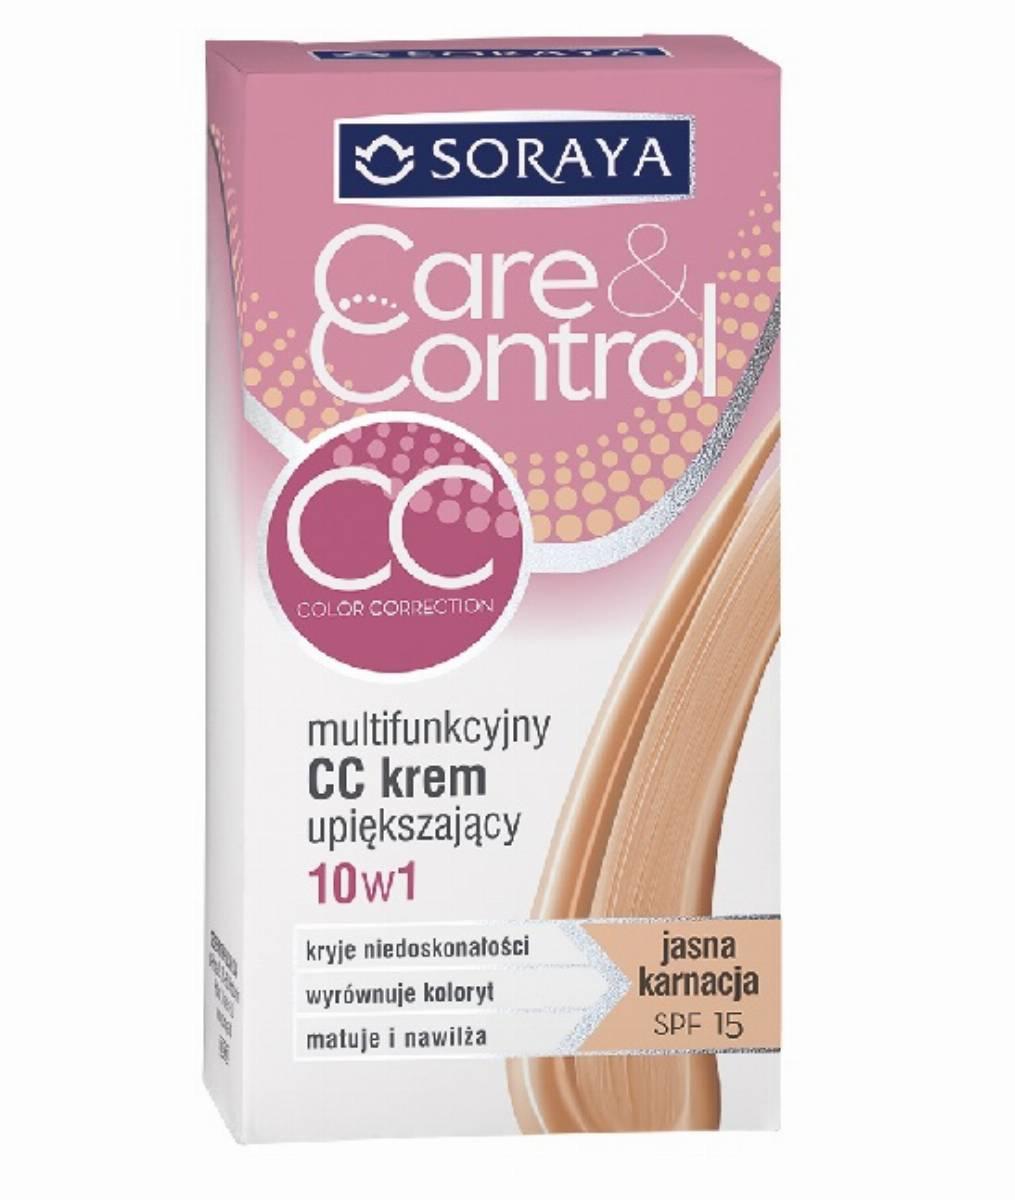 Soraya Multifunkcyjny CC krem upiększajacy - cera jasna